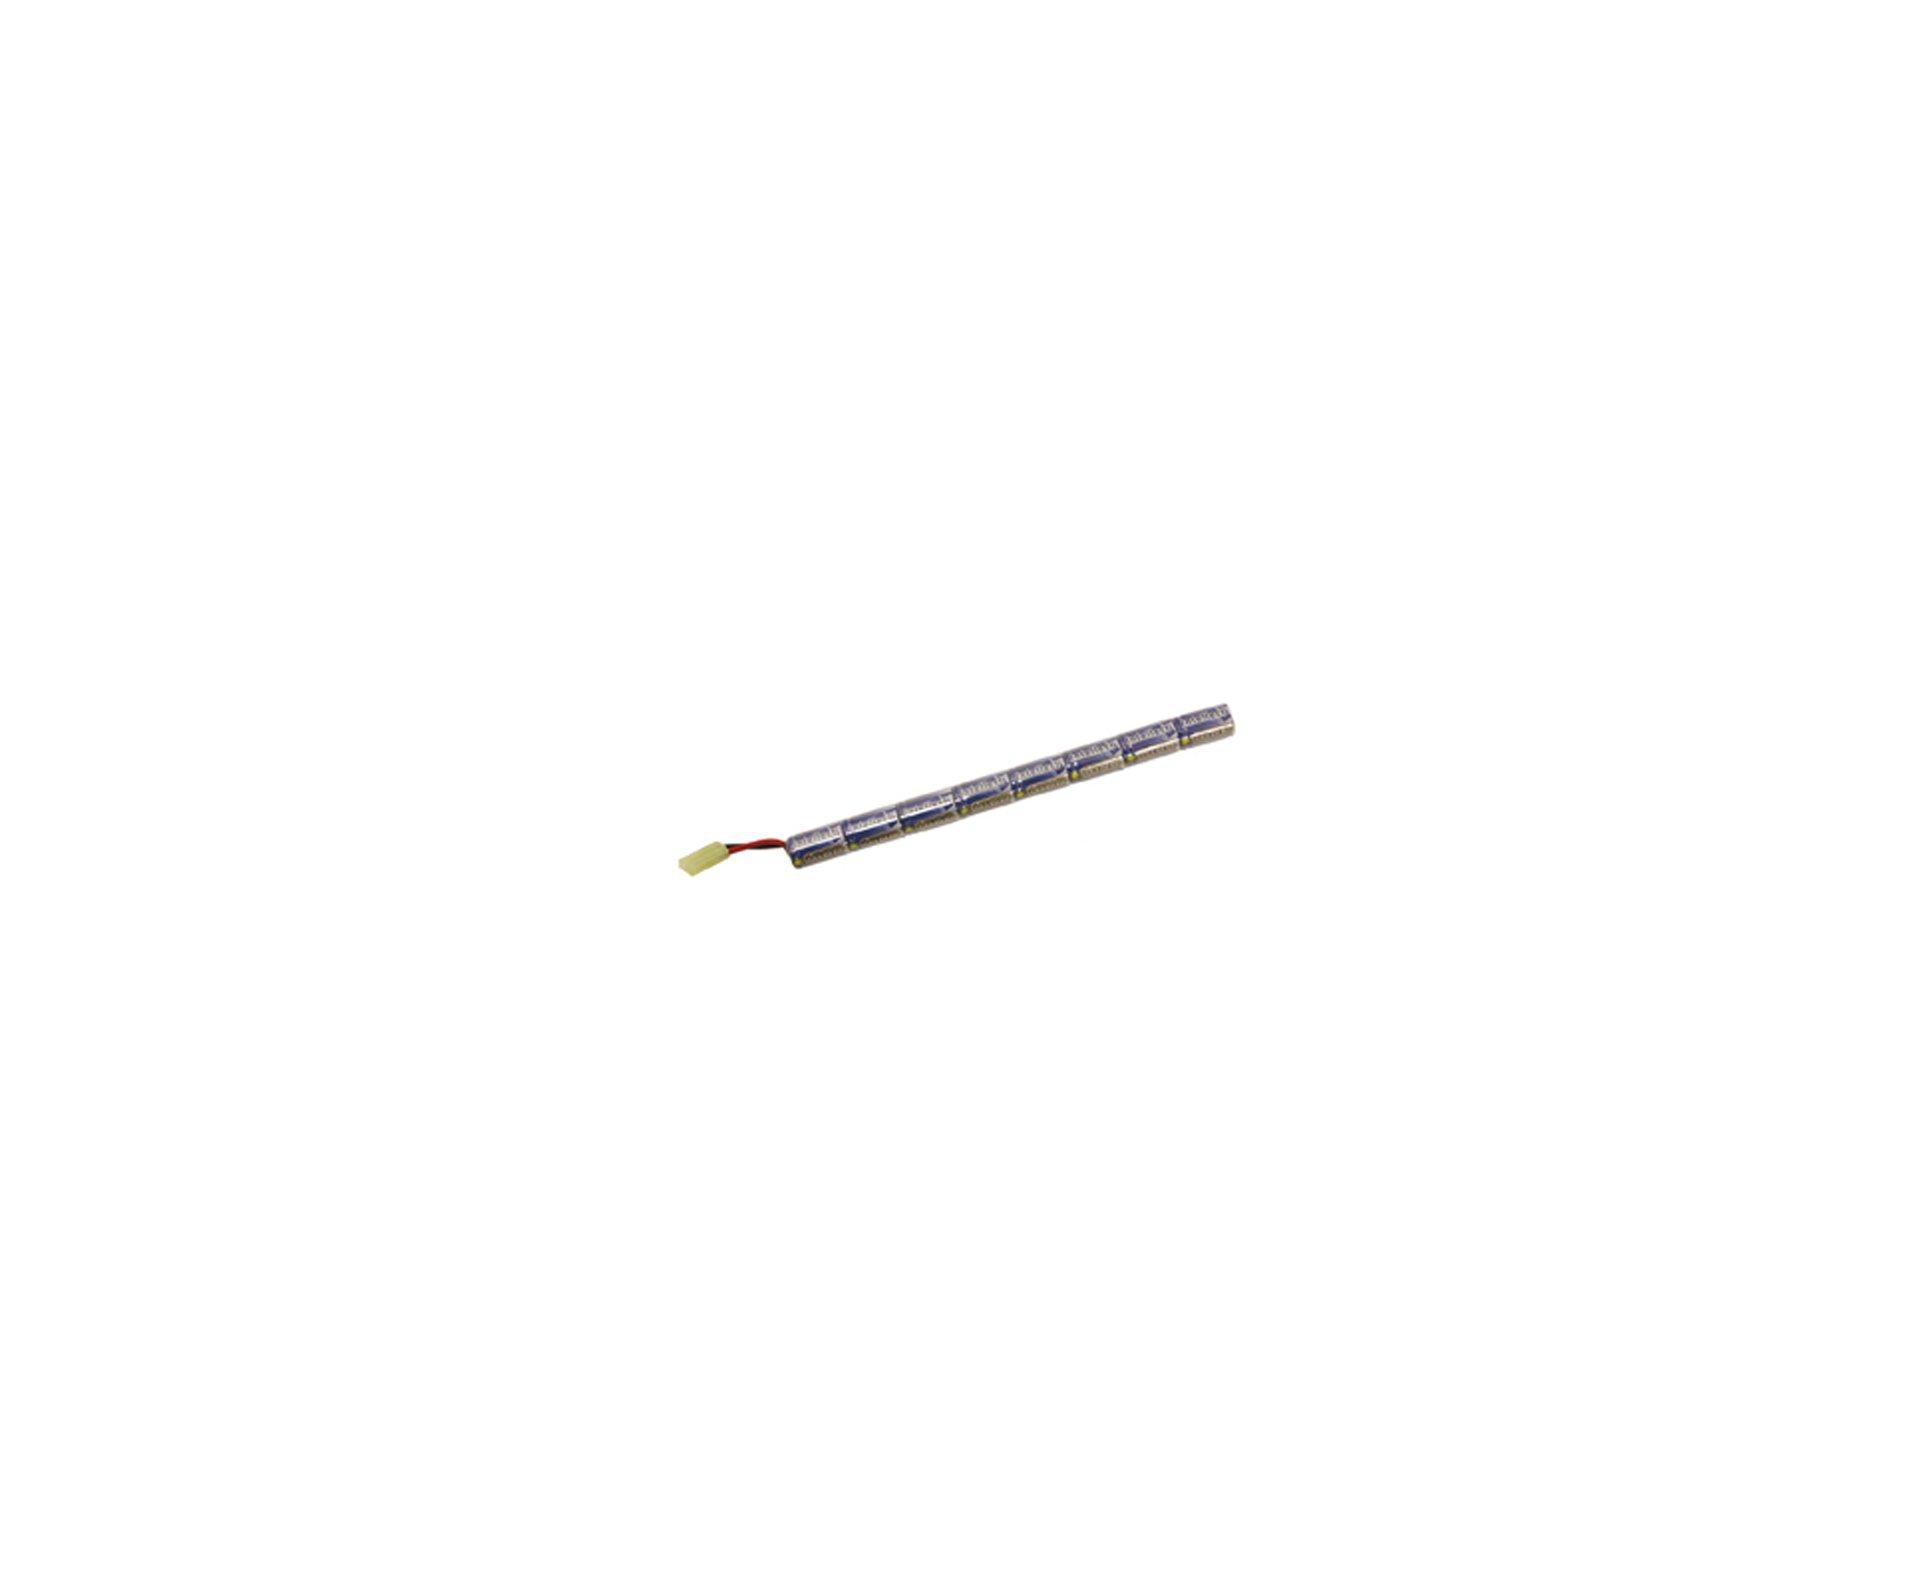 Bateria Para Airsoft 9,6 V 1600mah - C50-3 - Intellect